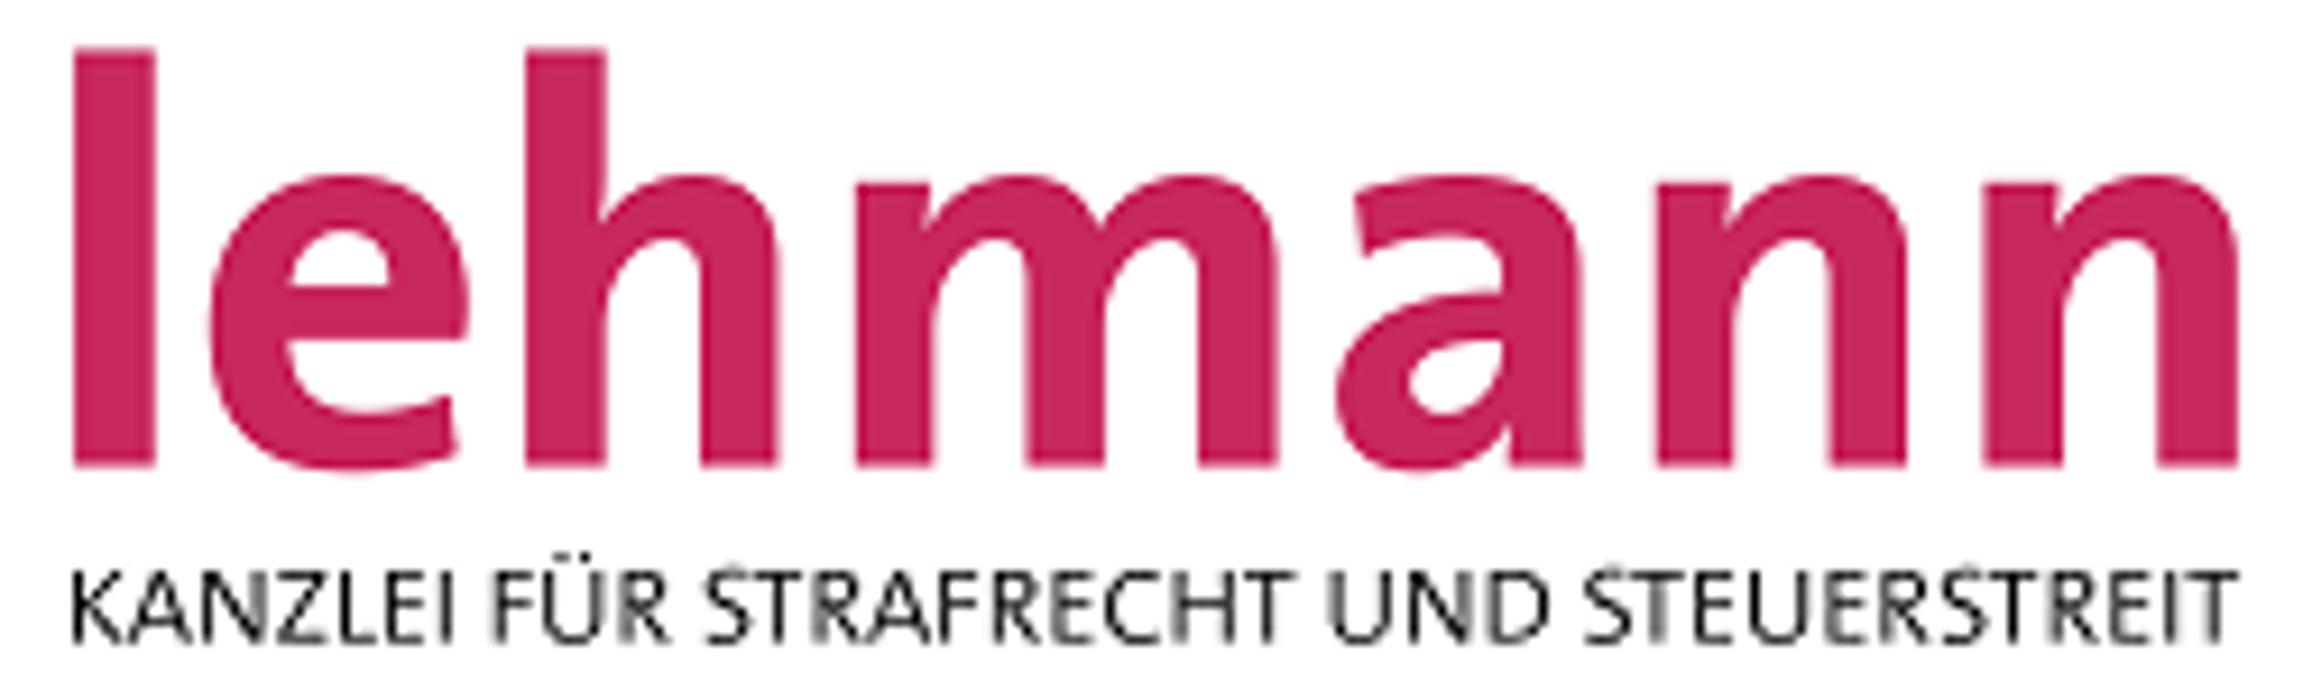 Bild zu Kanzlei Lehmann - Rechtsanwälte für Strafrecht und Steuerstrafrecht in Berlin